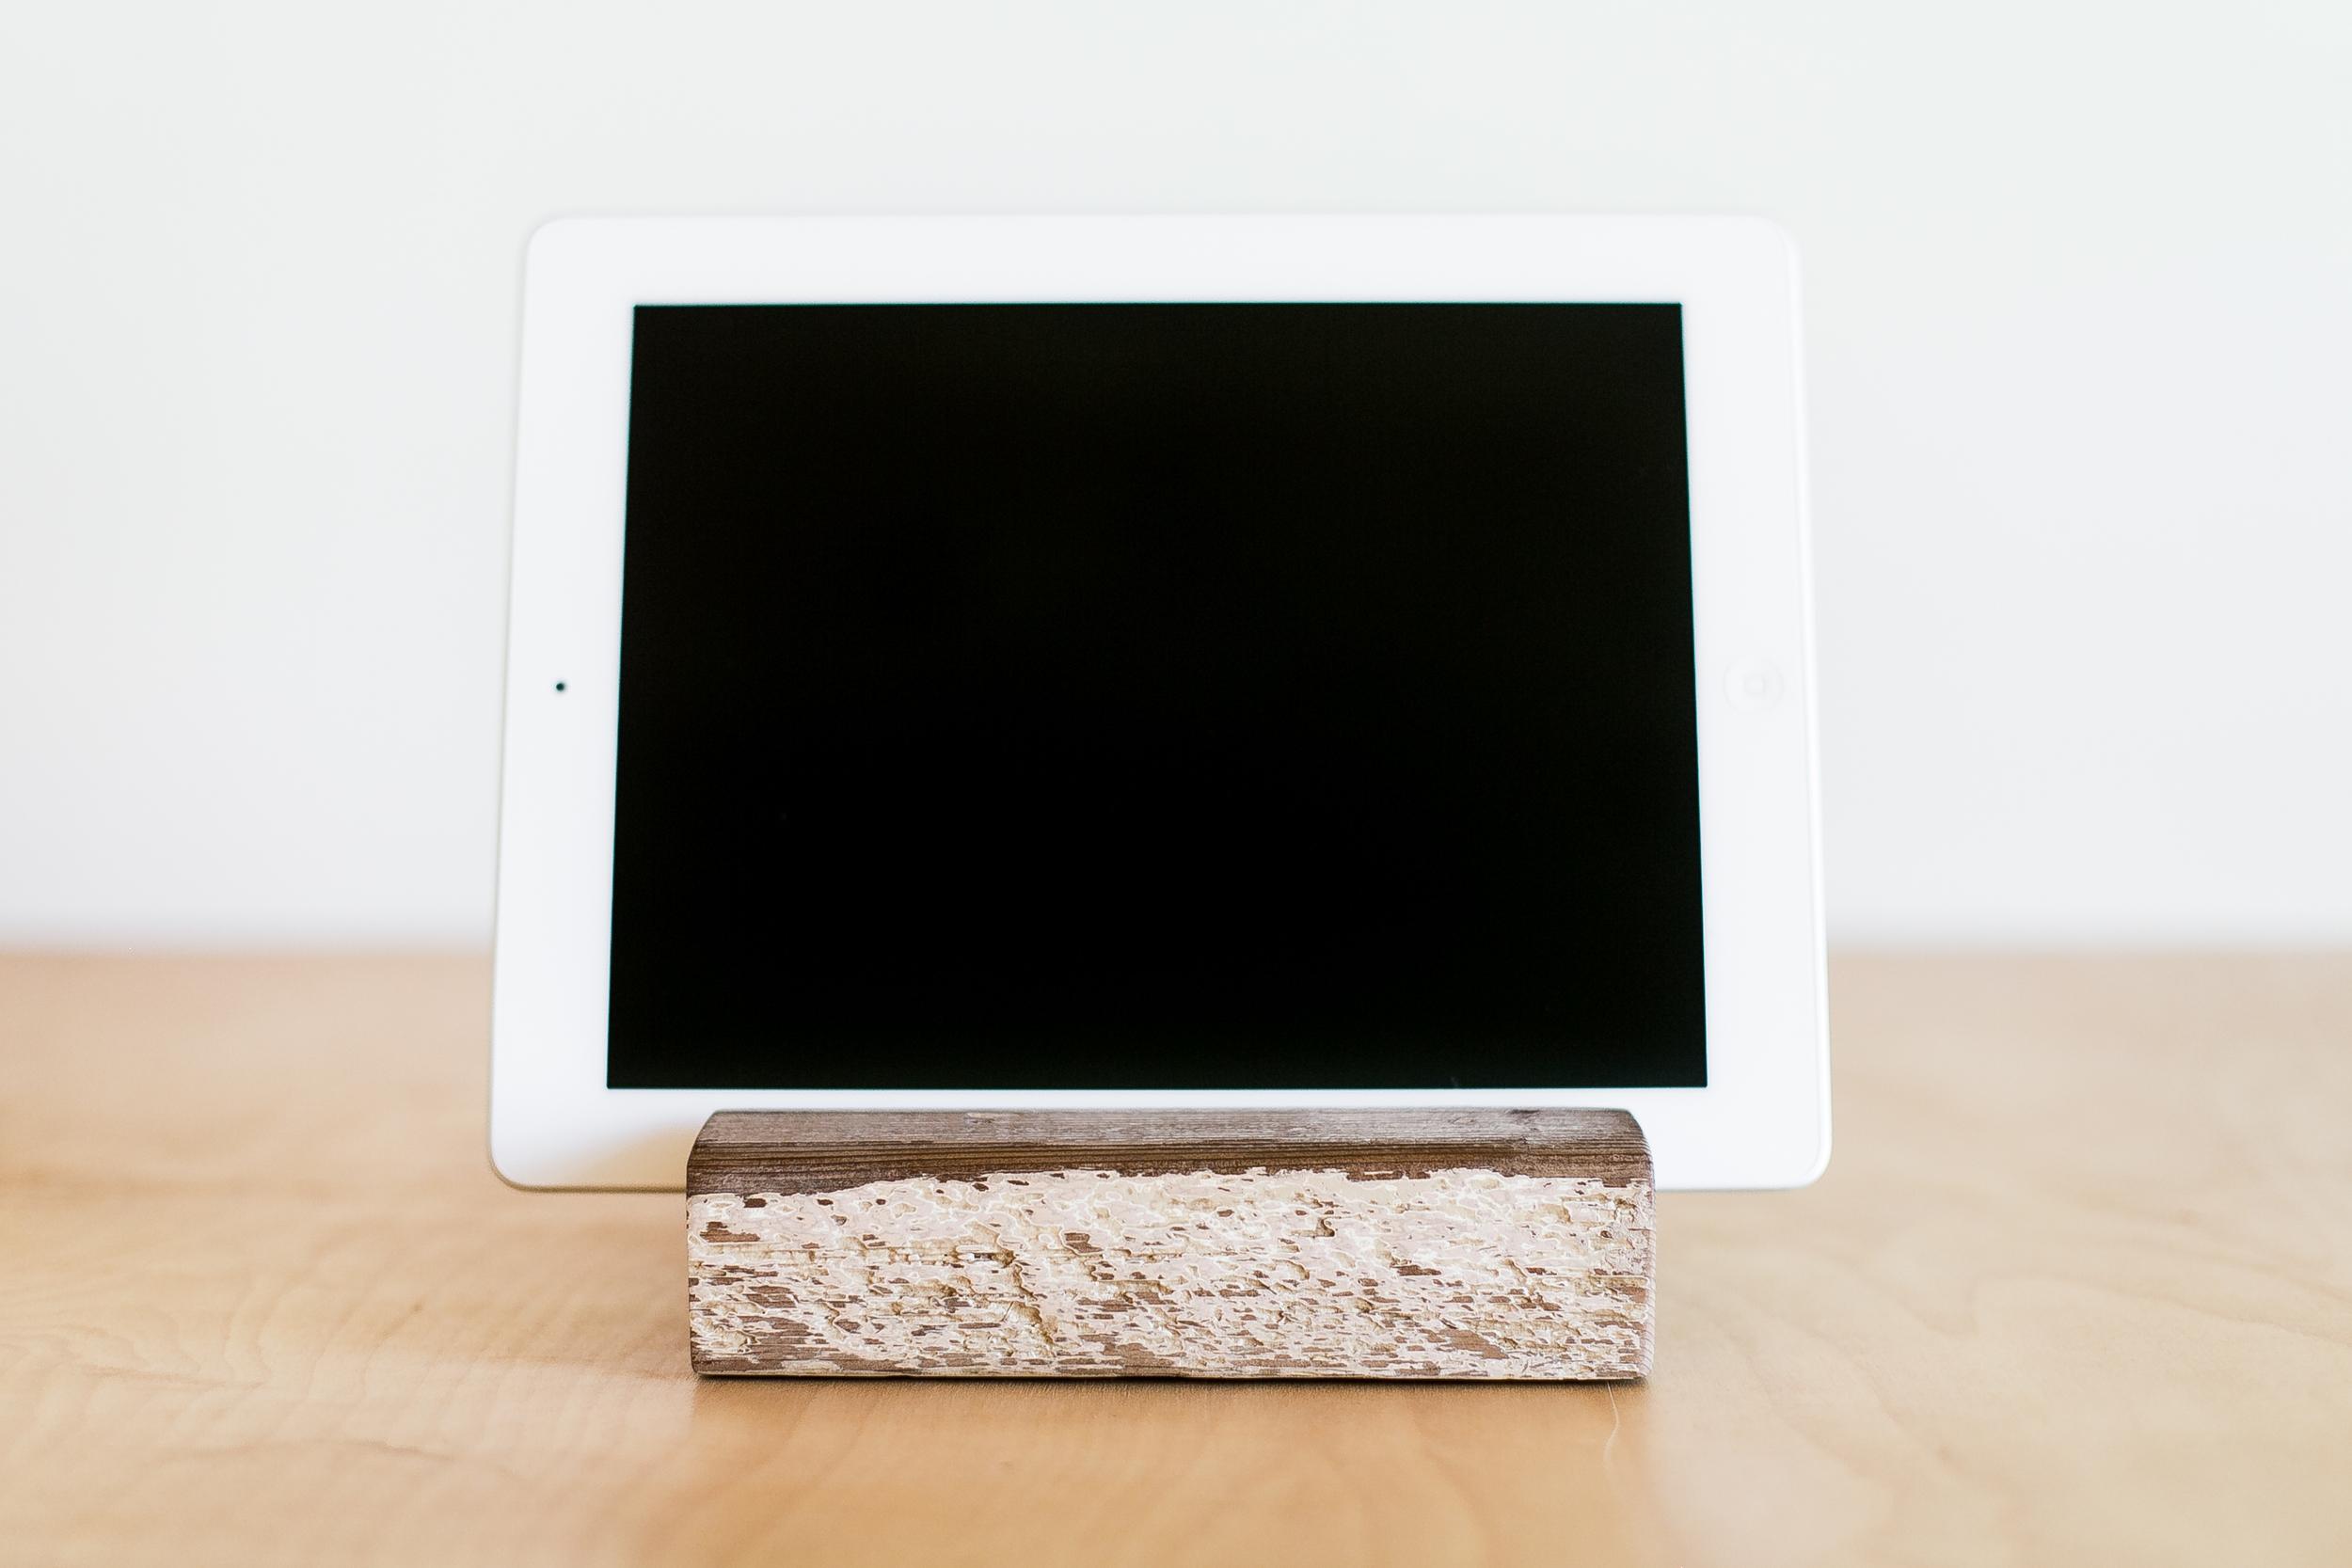 iPad Stand | 012